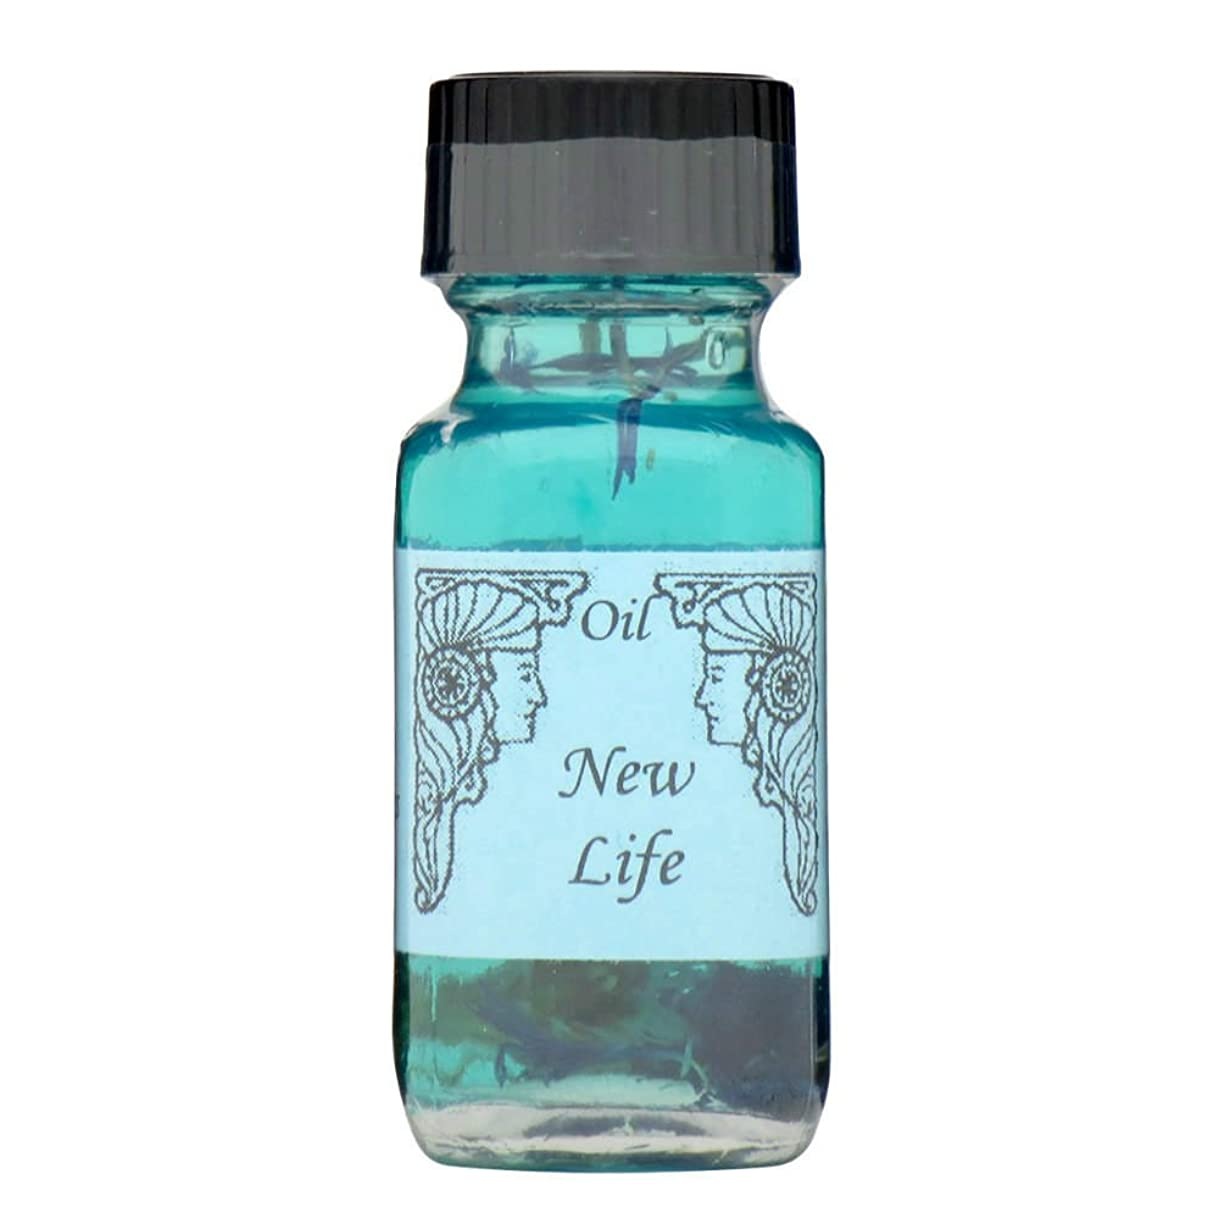 品疑い移住するアンシェントメモリーオイル ニューライフ (新しいチャンスと新しい始まり) 15ml (Ancient Memory Oils)